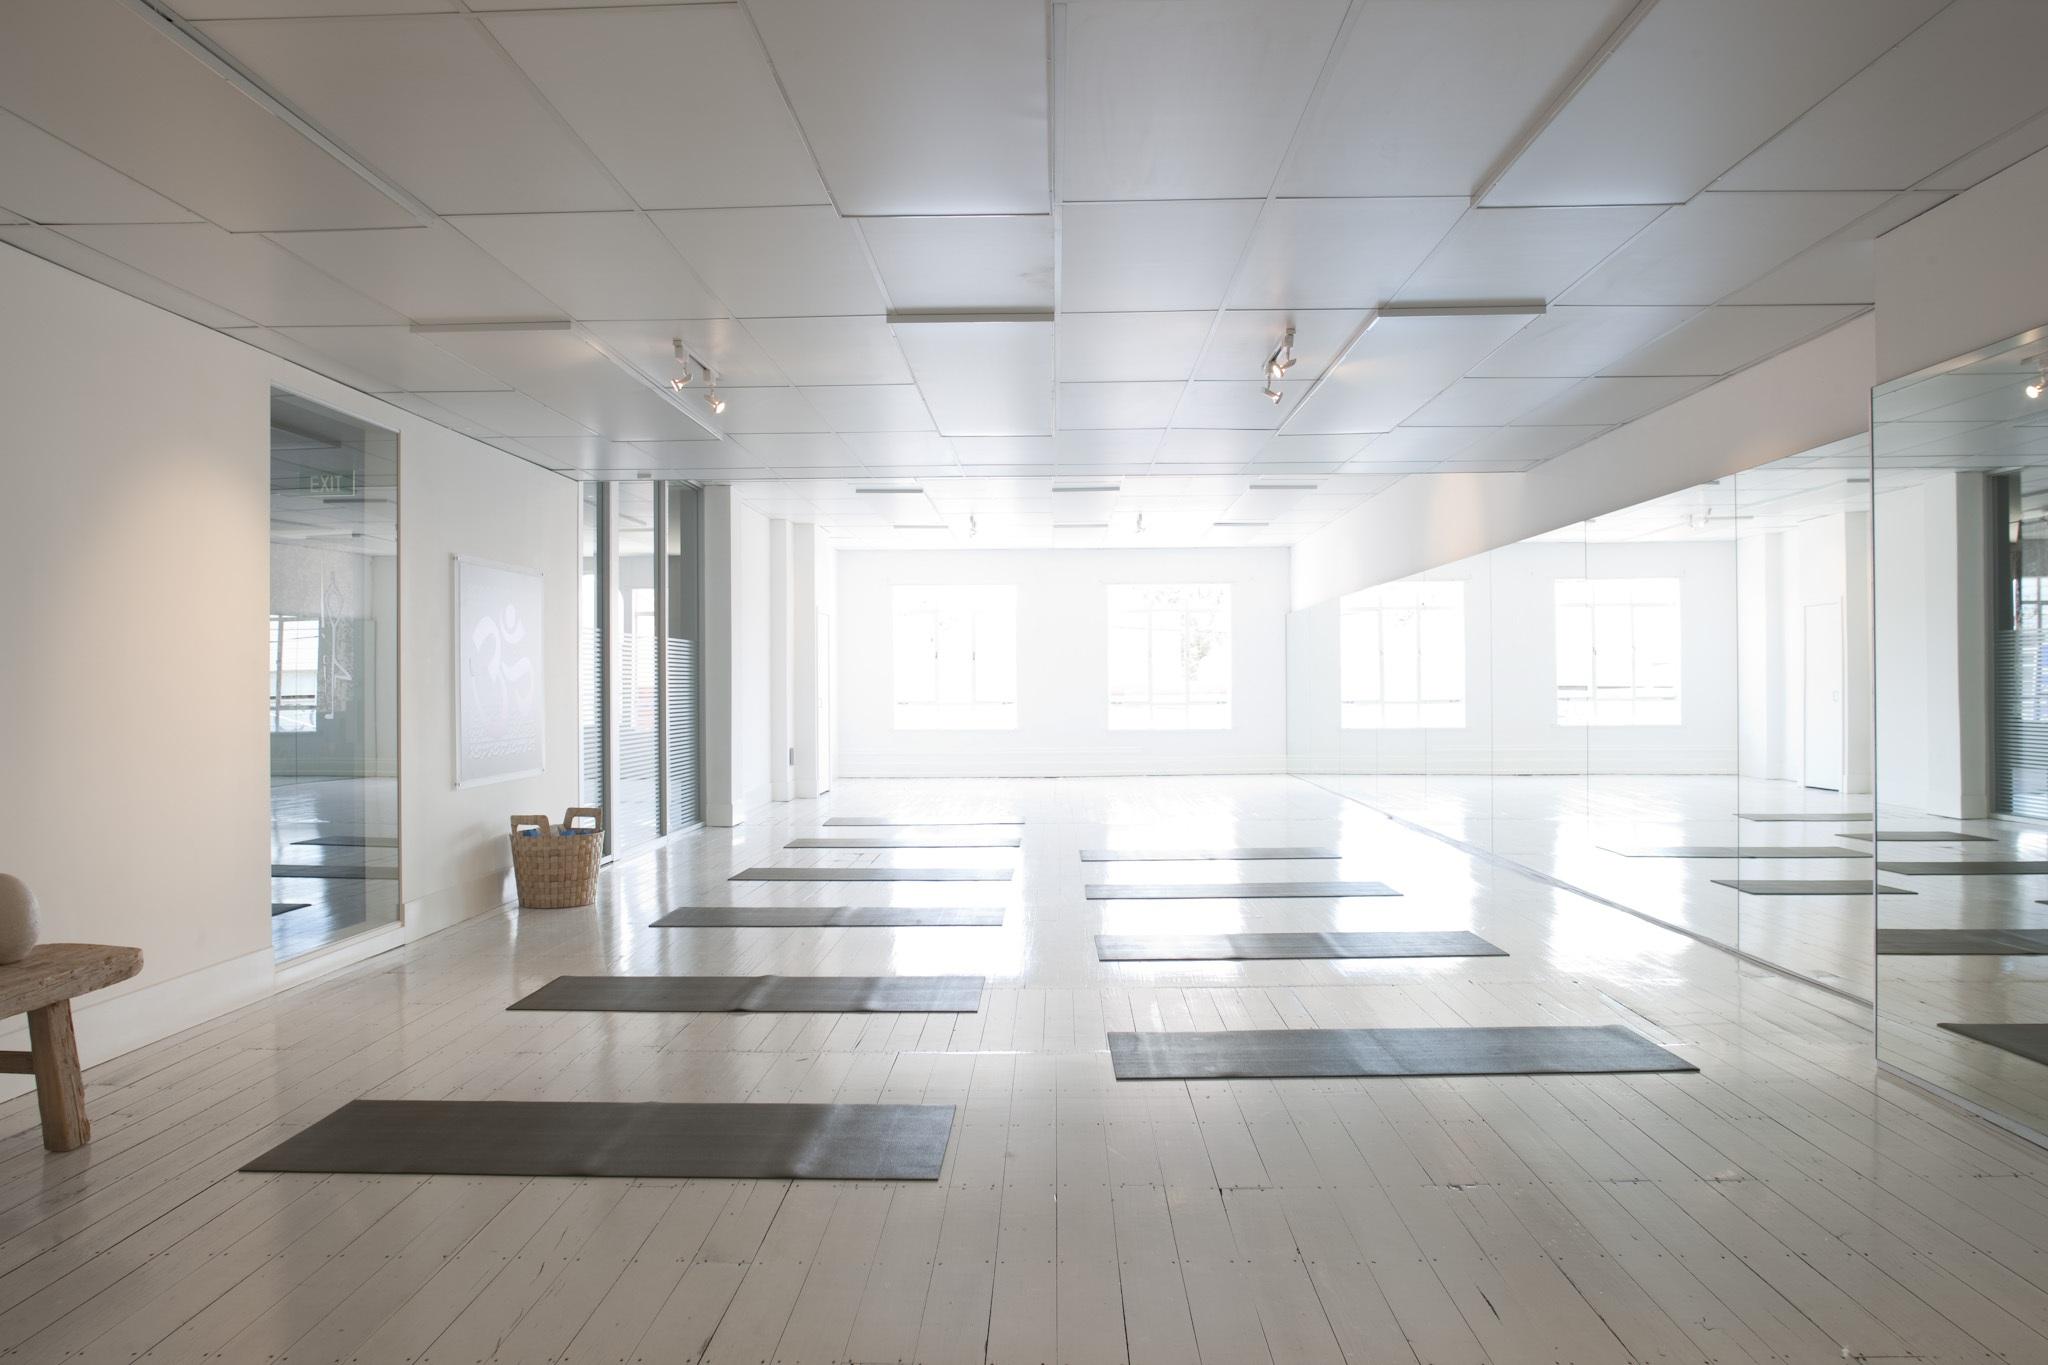 Yoga-Studio-Etiquette-The-7-Deadly-Sins-Class-Yoga